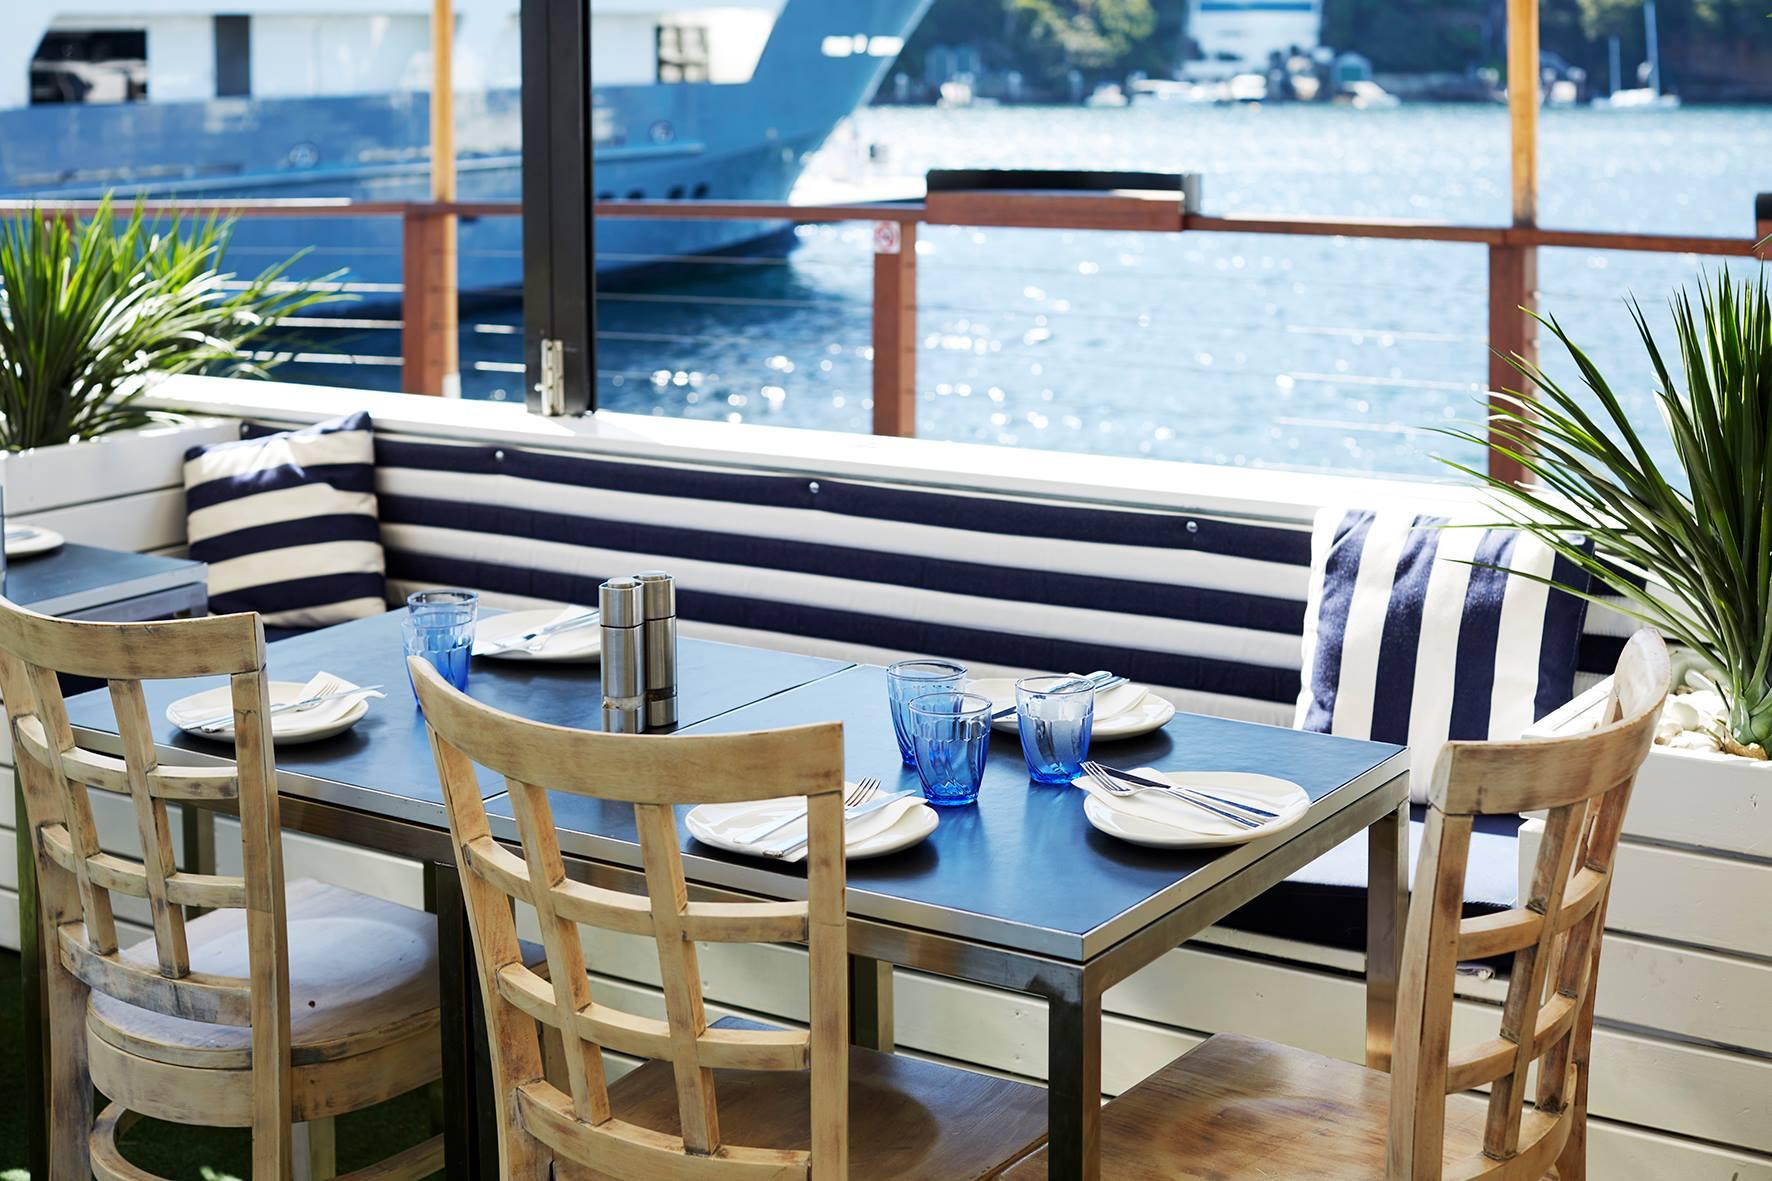 Image: chiosco.com.au